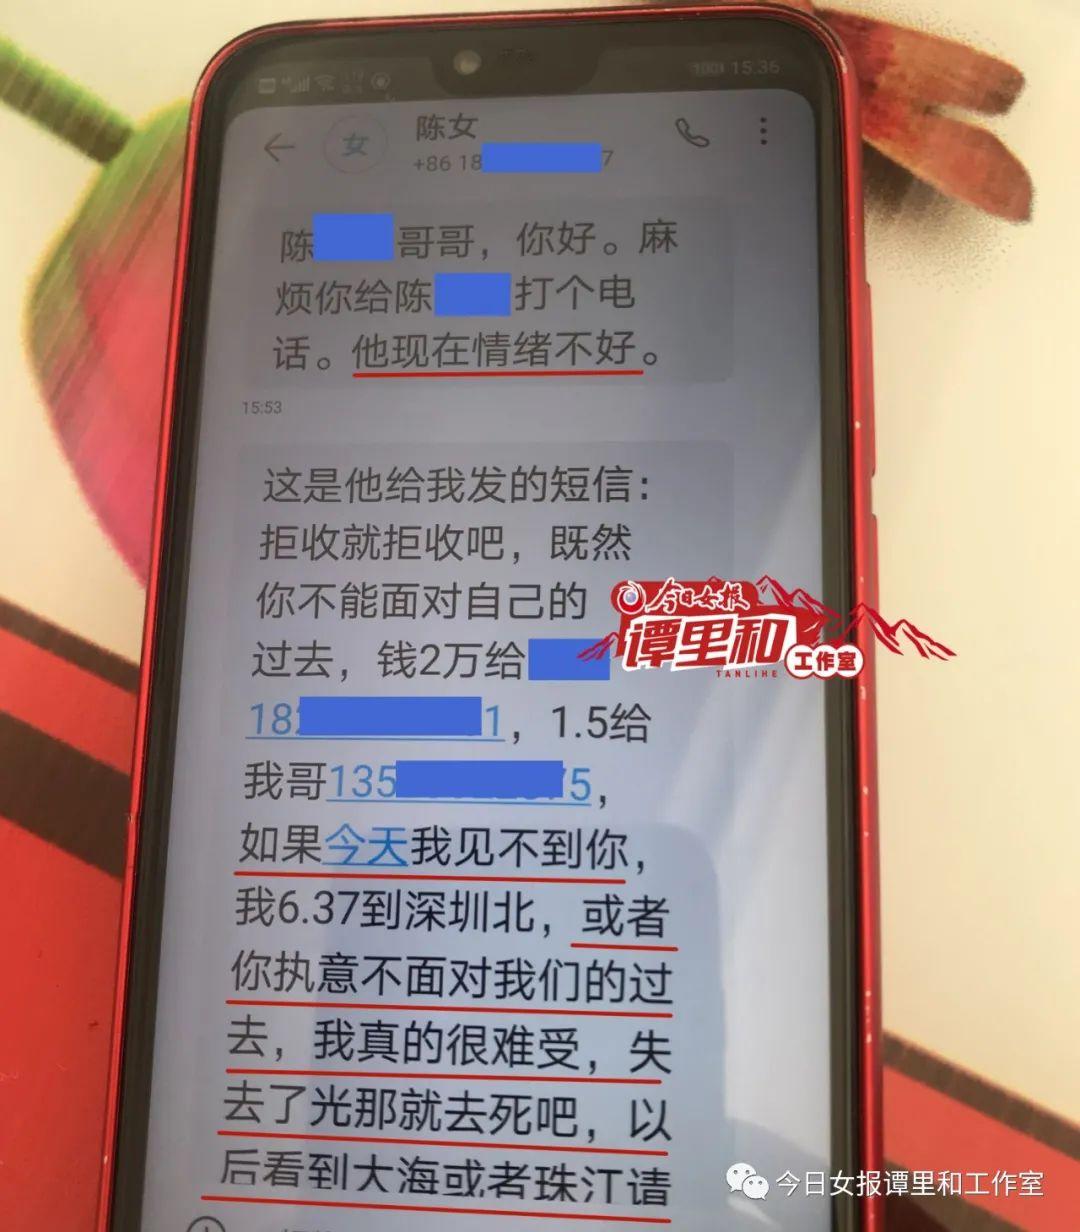 6月6日,陳陸洋給女友發信息已有殉情念頭。